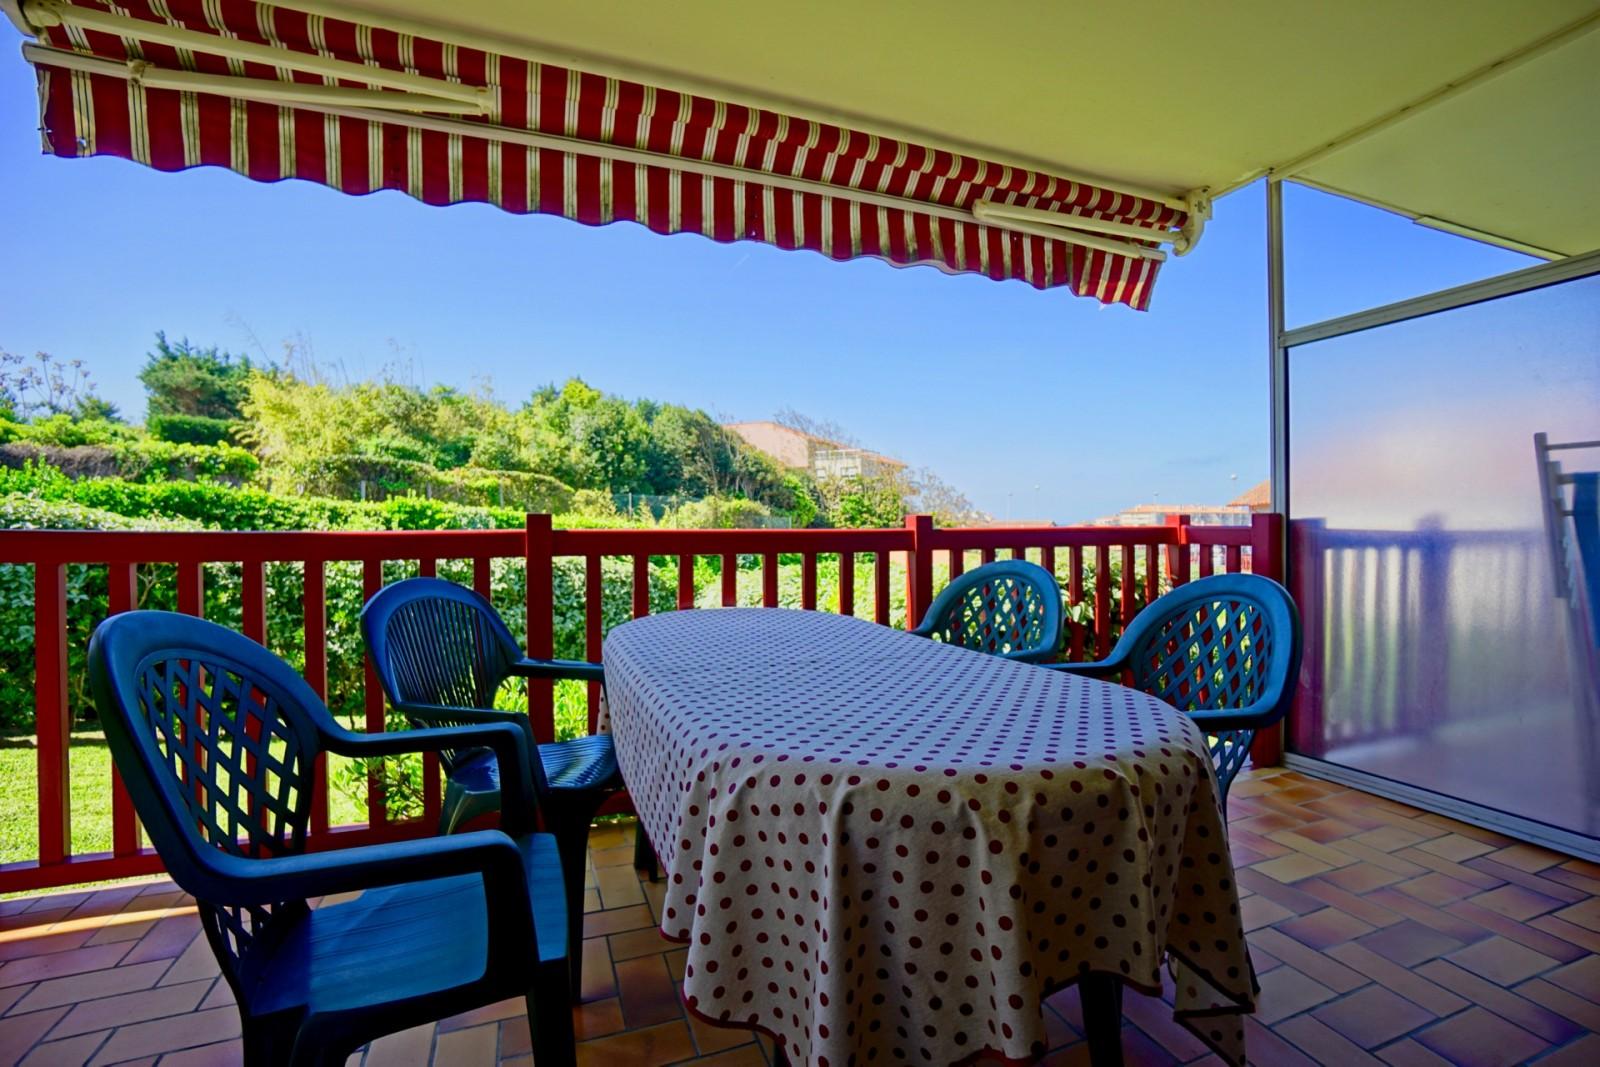 Le calme la chambre d amour agence olaizola location saisonni re de vacances biarritz et - Plage de la chambre d amour ...